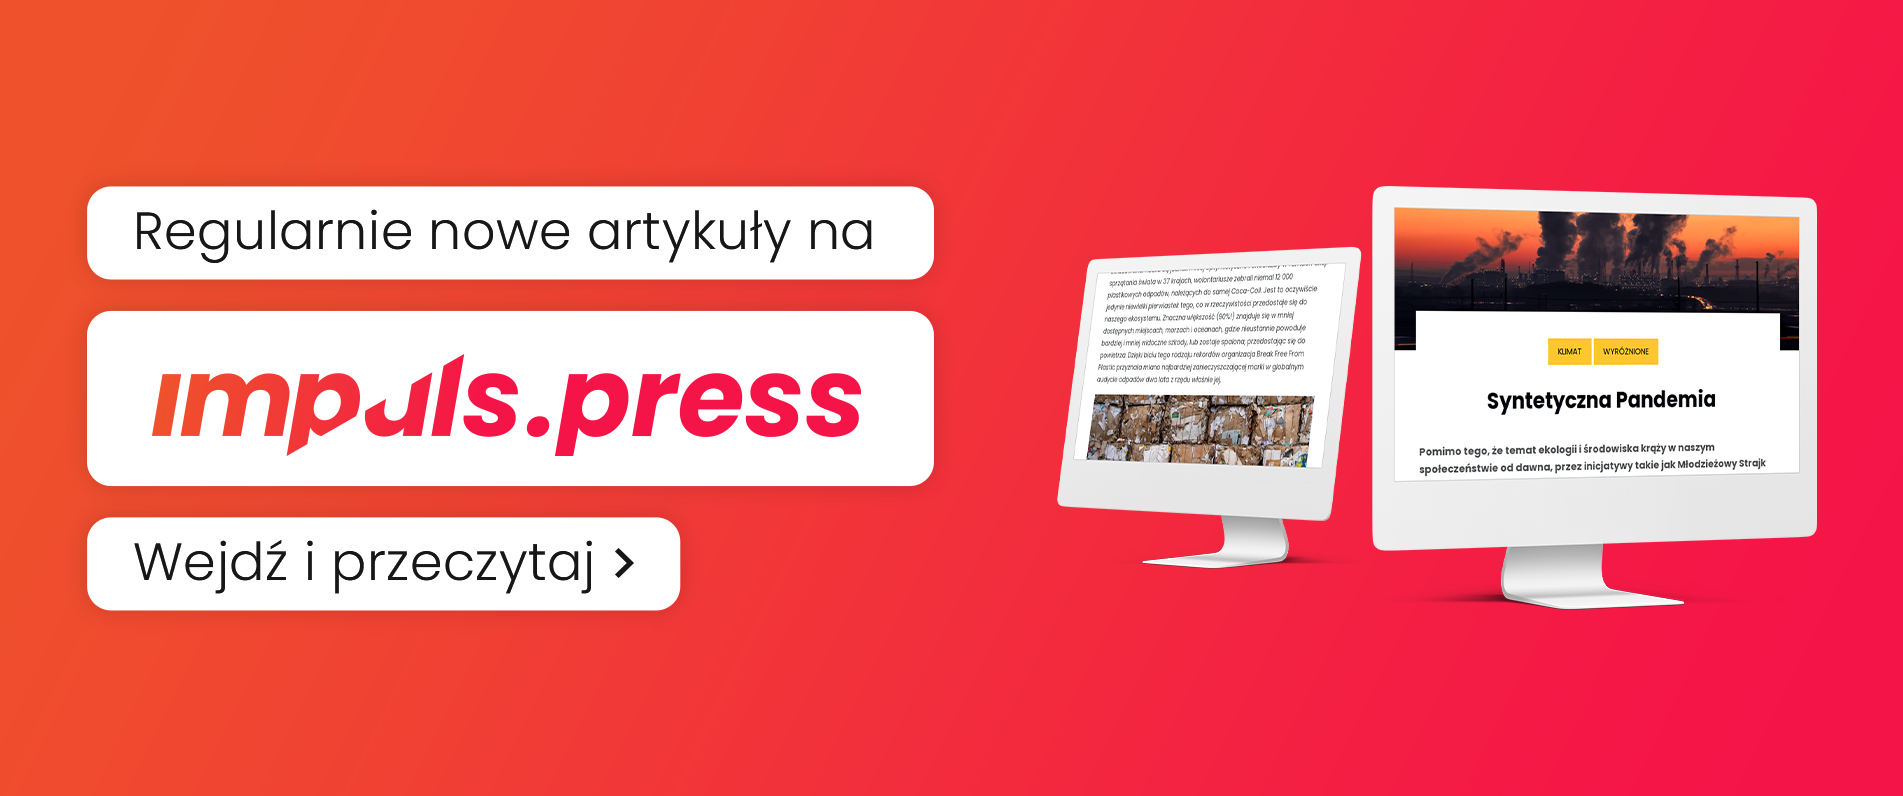 impuls press